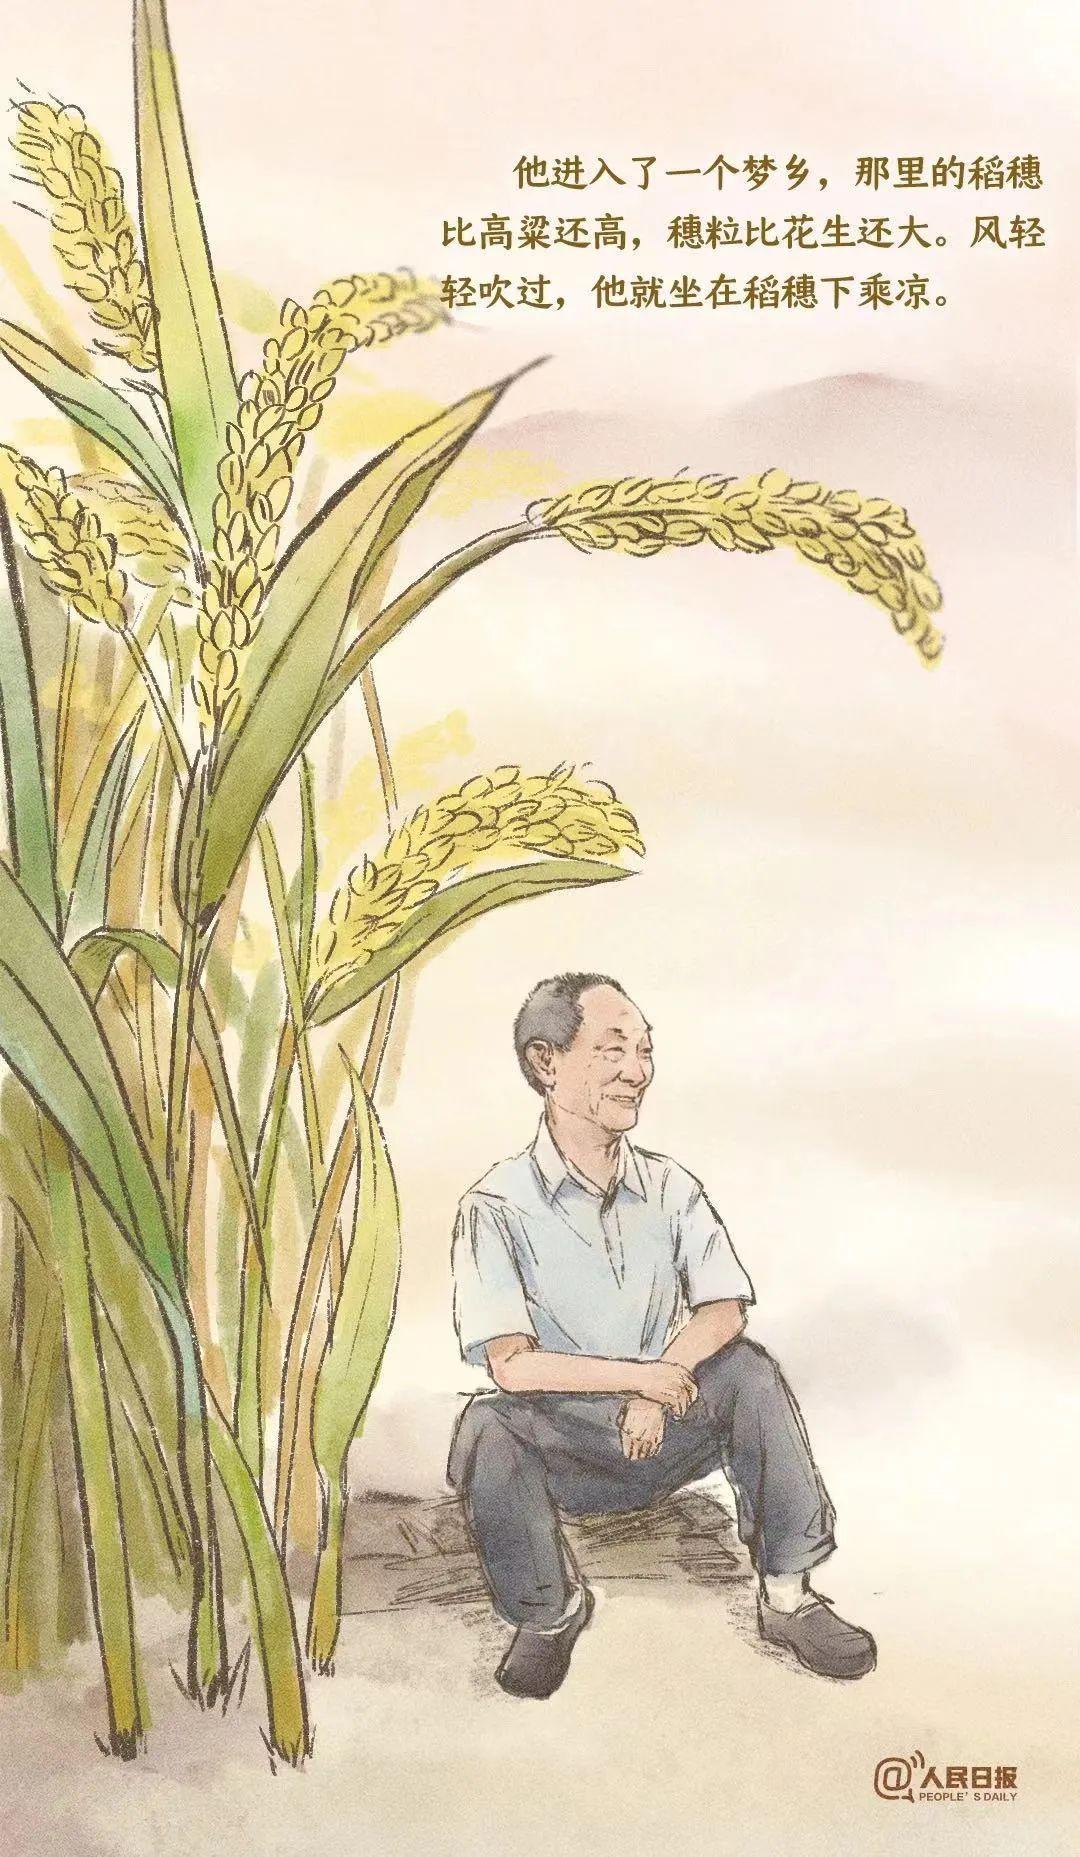 风吹过稻田 我们就想起了你